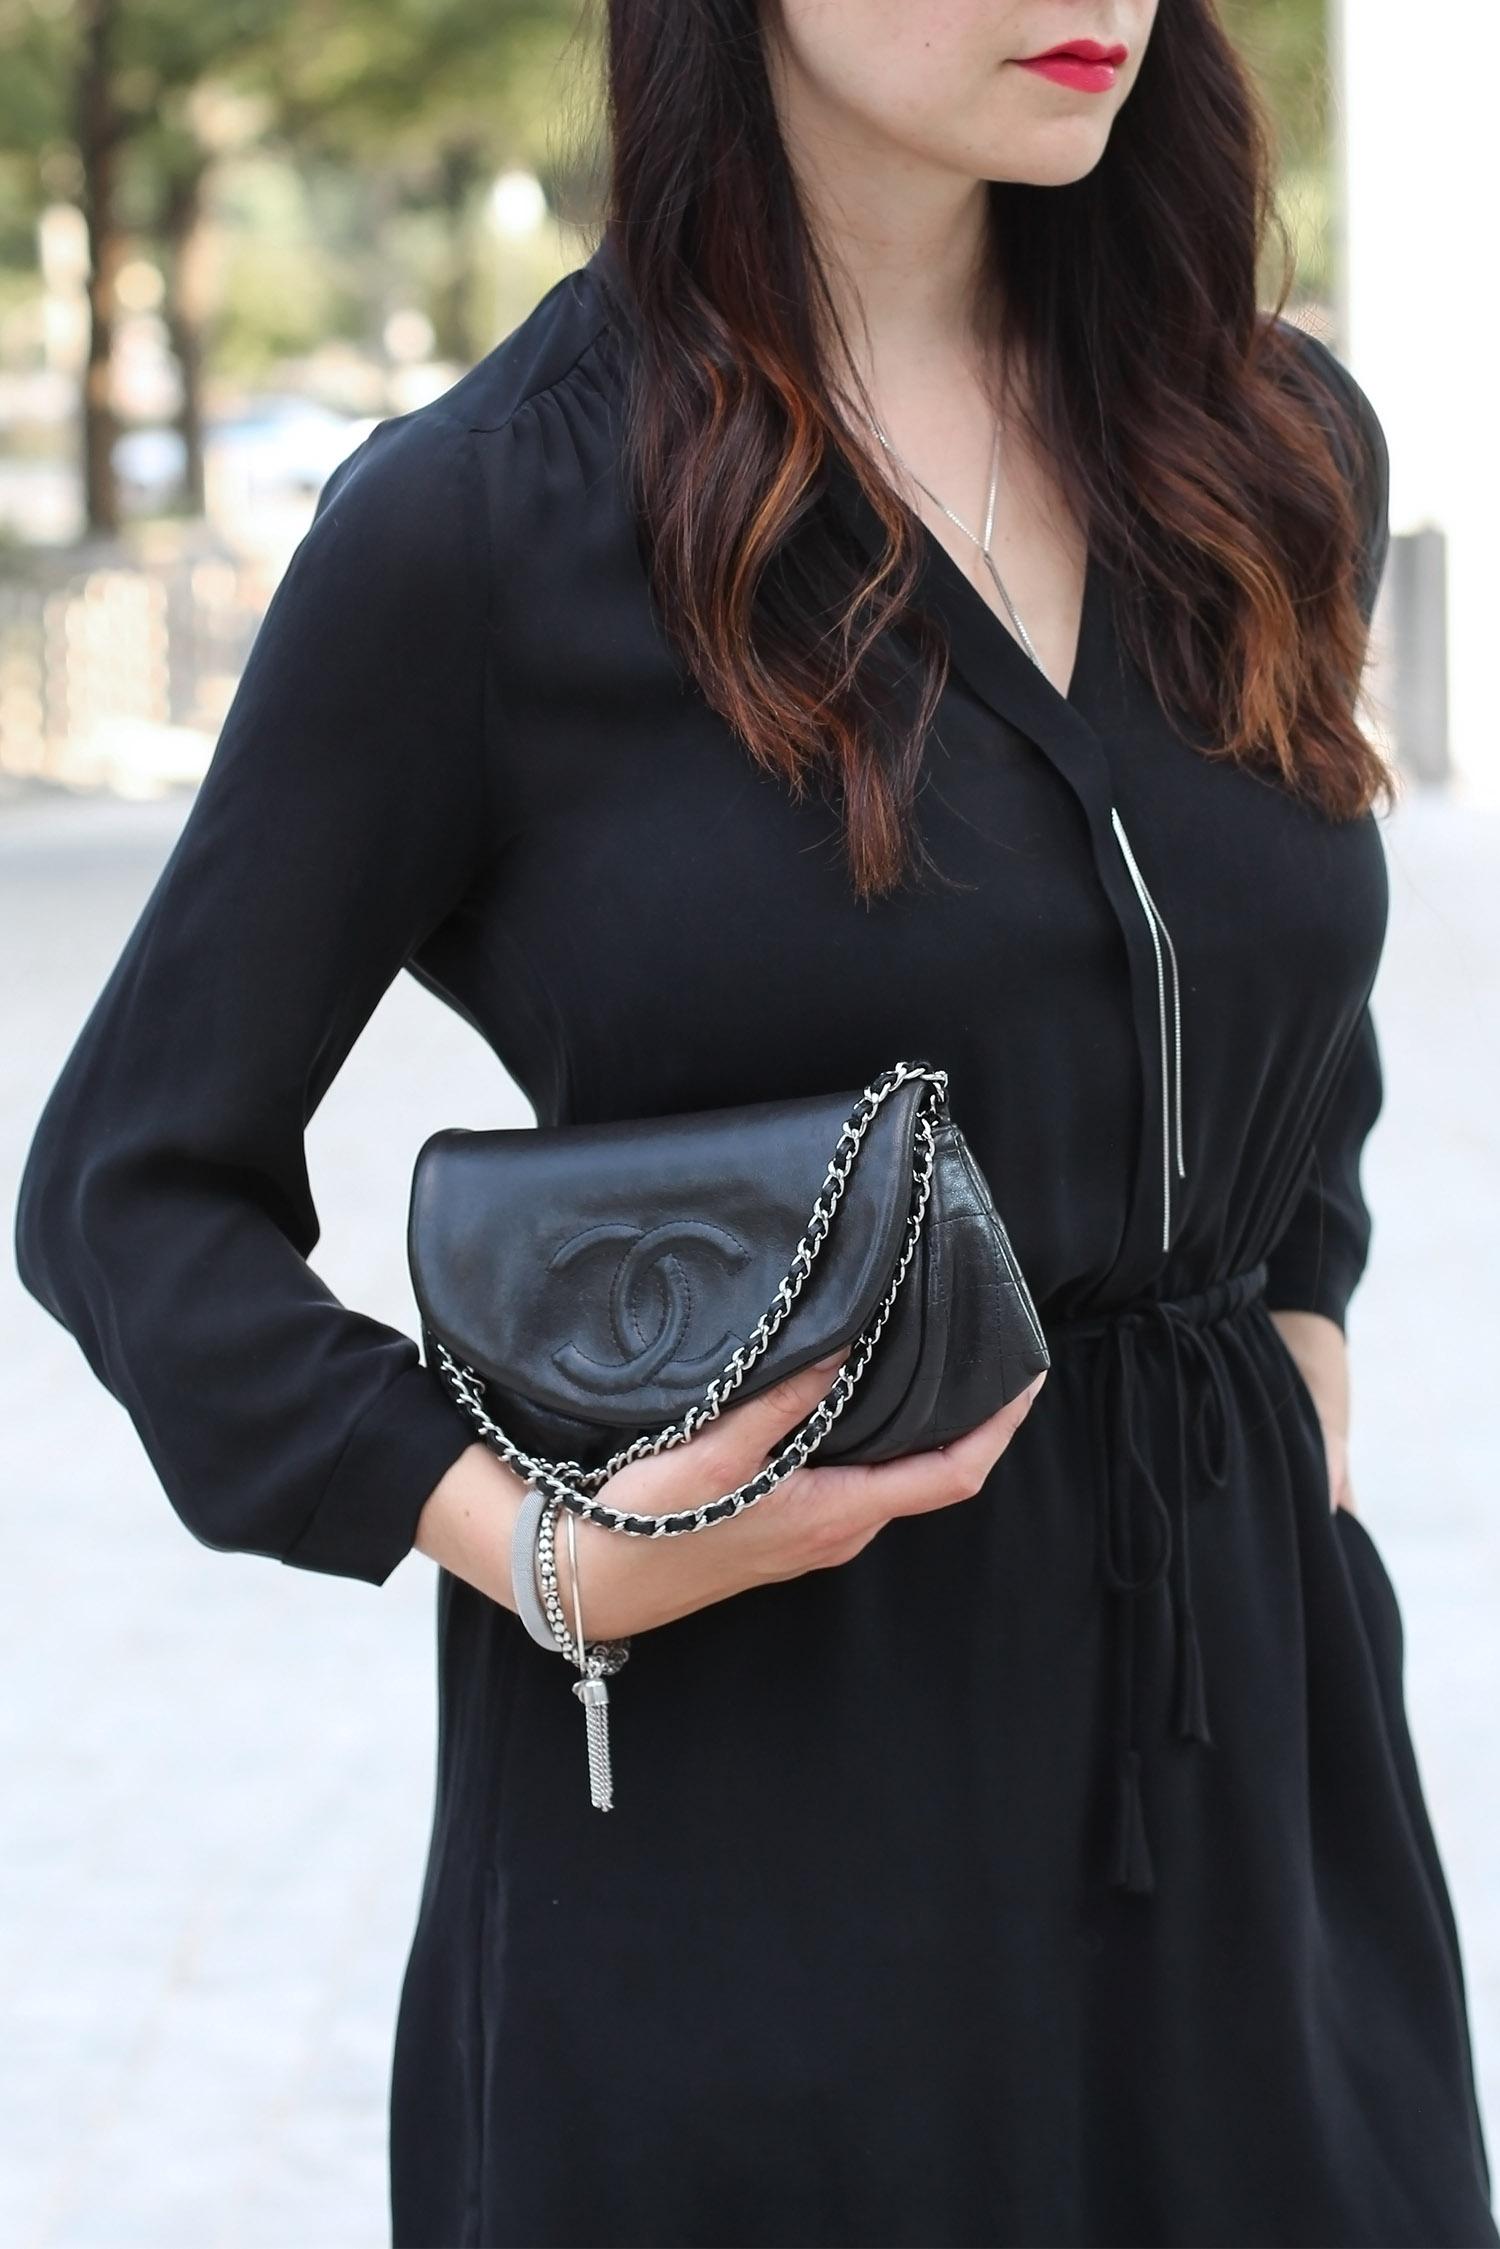 Chanel Half Moon Clutch, Little Black Dress